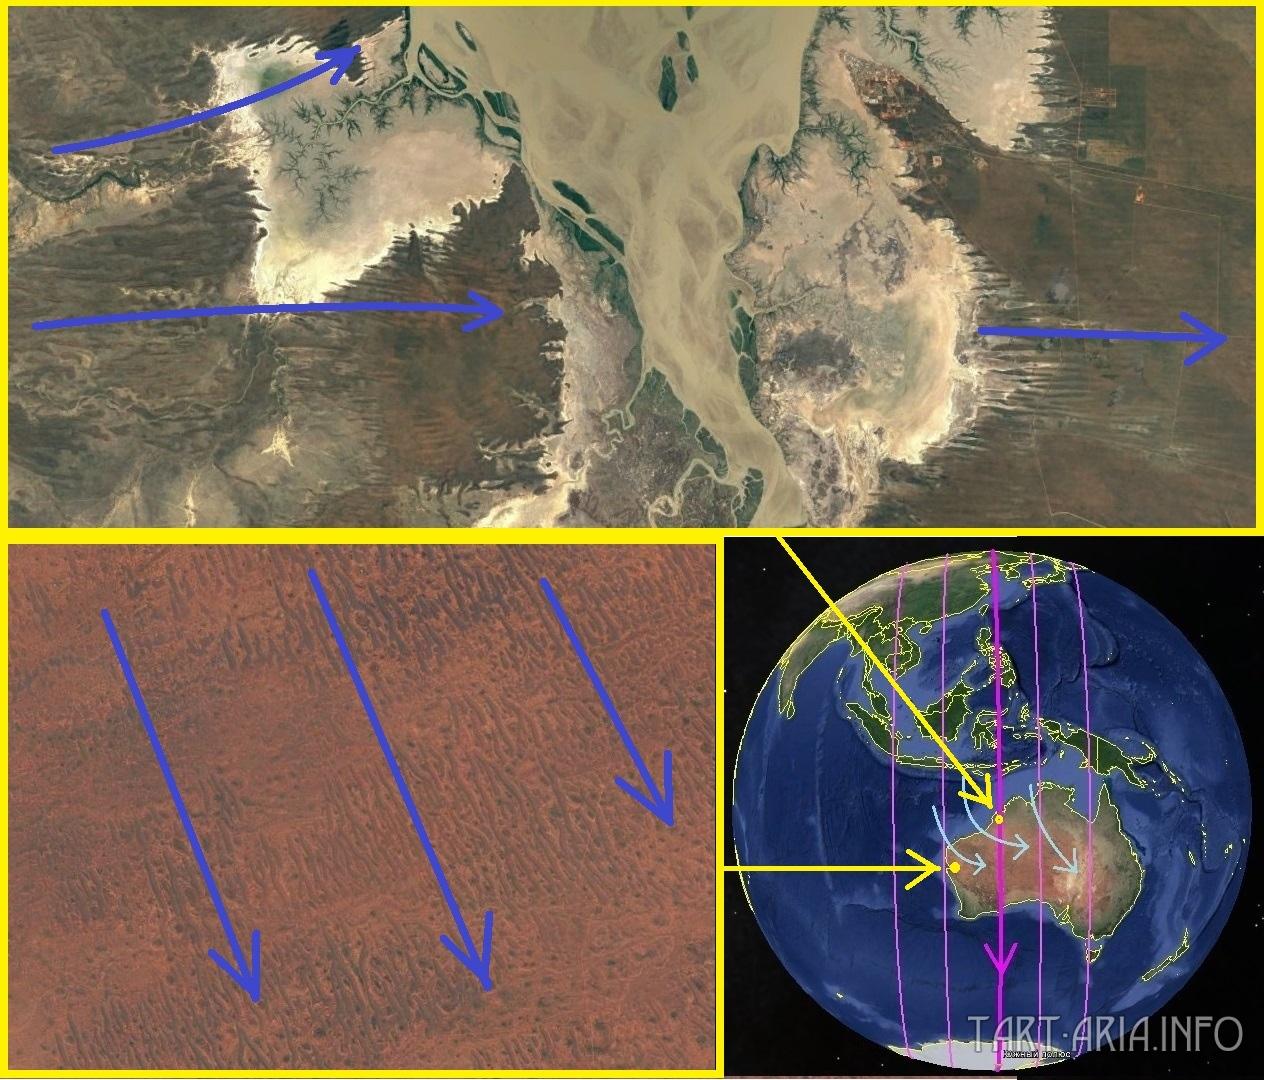 Карта. Сдвиг полюсов. Австралия шар общий вид 5